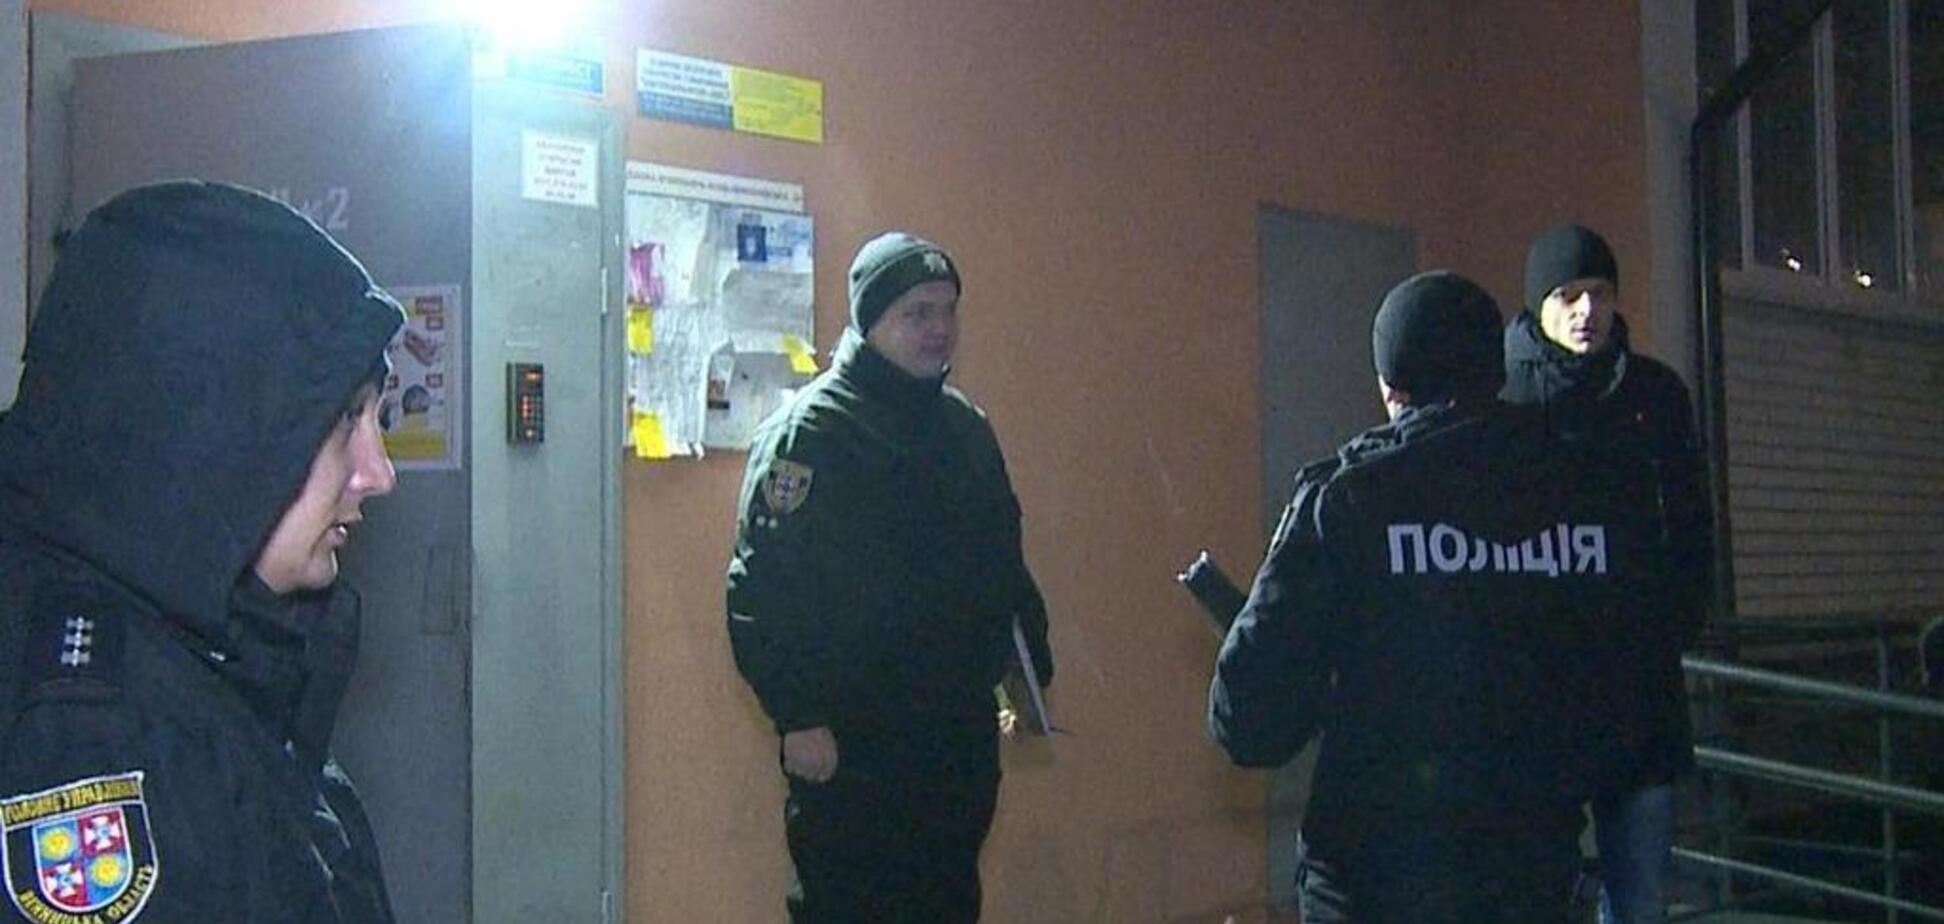 Зверское убийство семьи в Виннице получило неожиданное продолжение